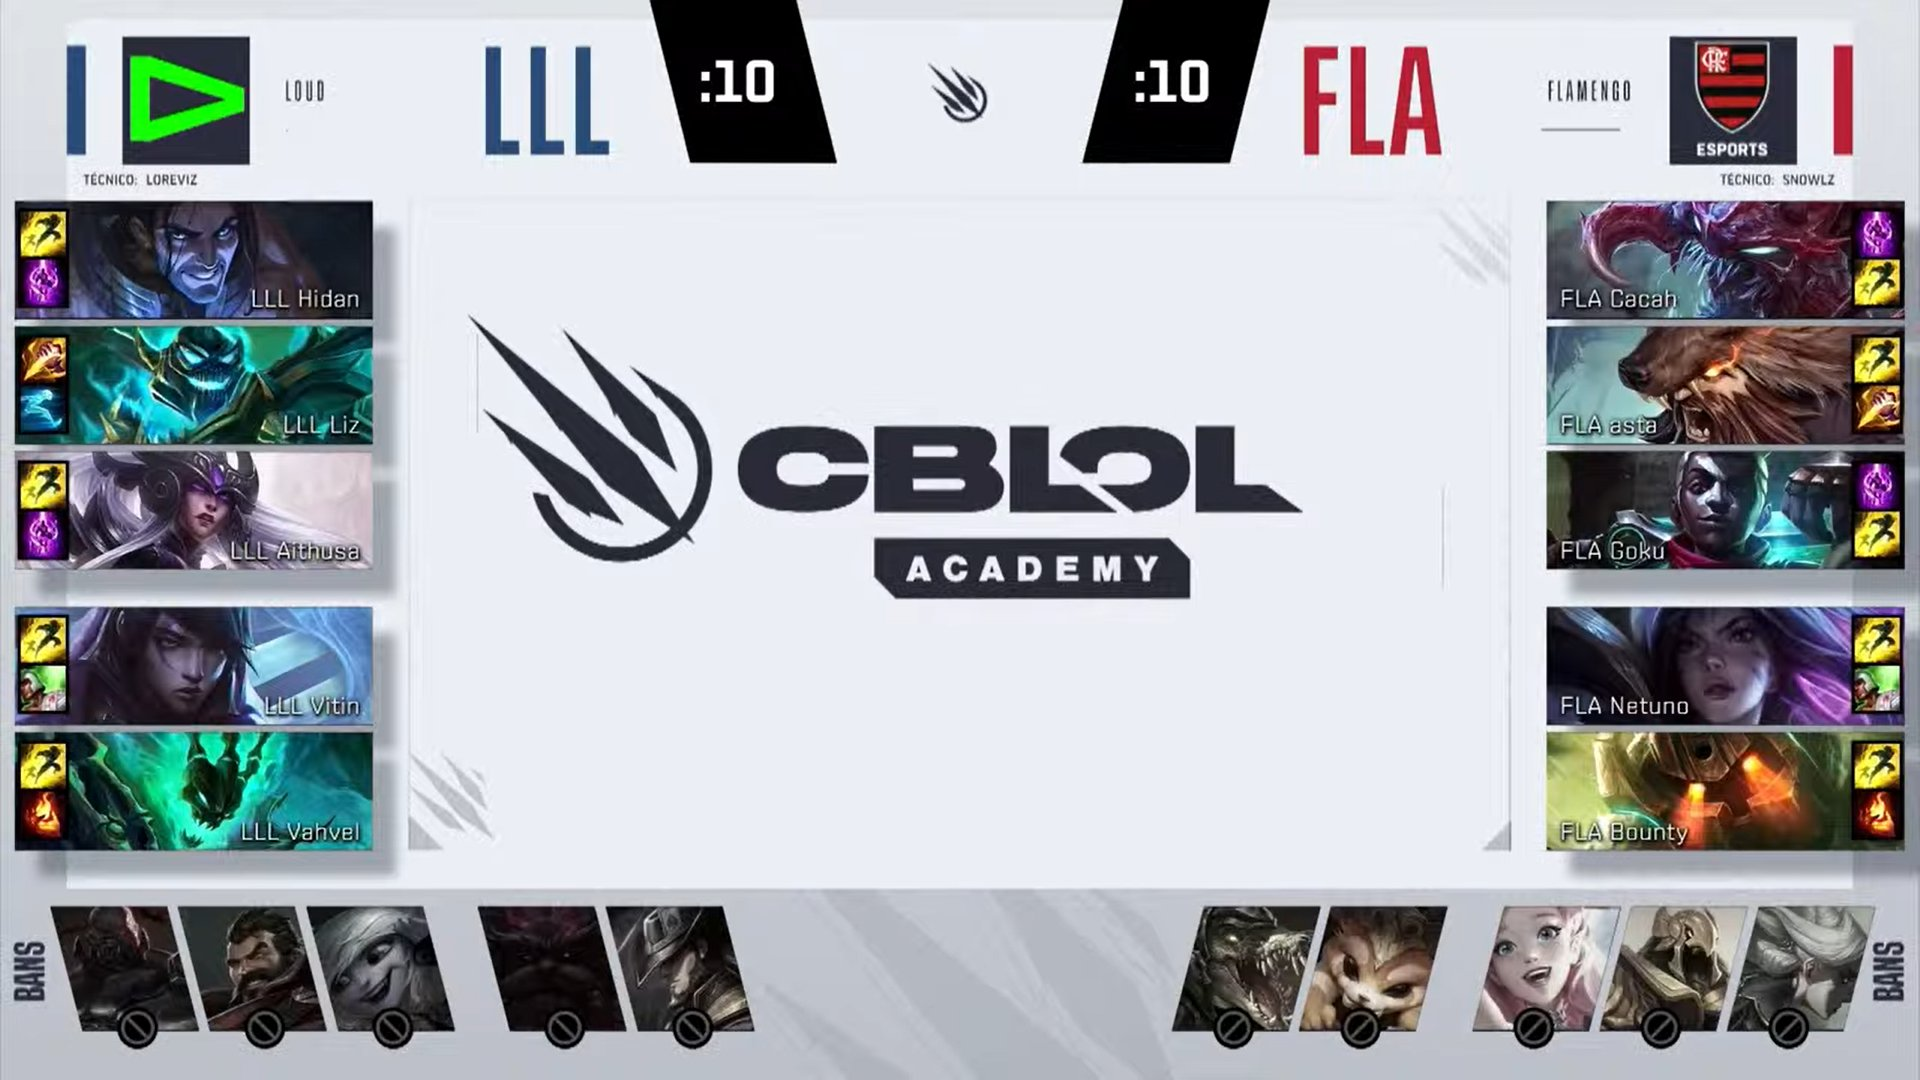 CBLOL Academy – Vorax nos playoffs!